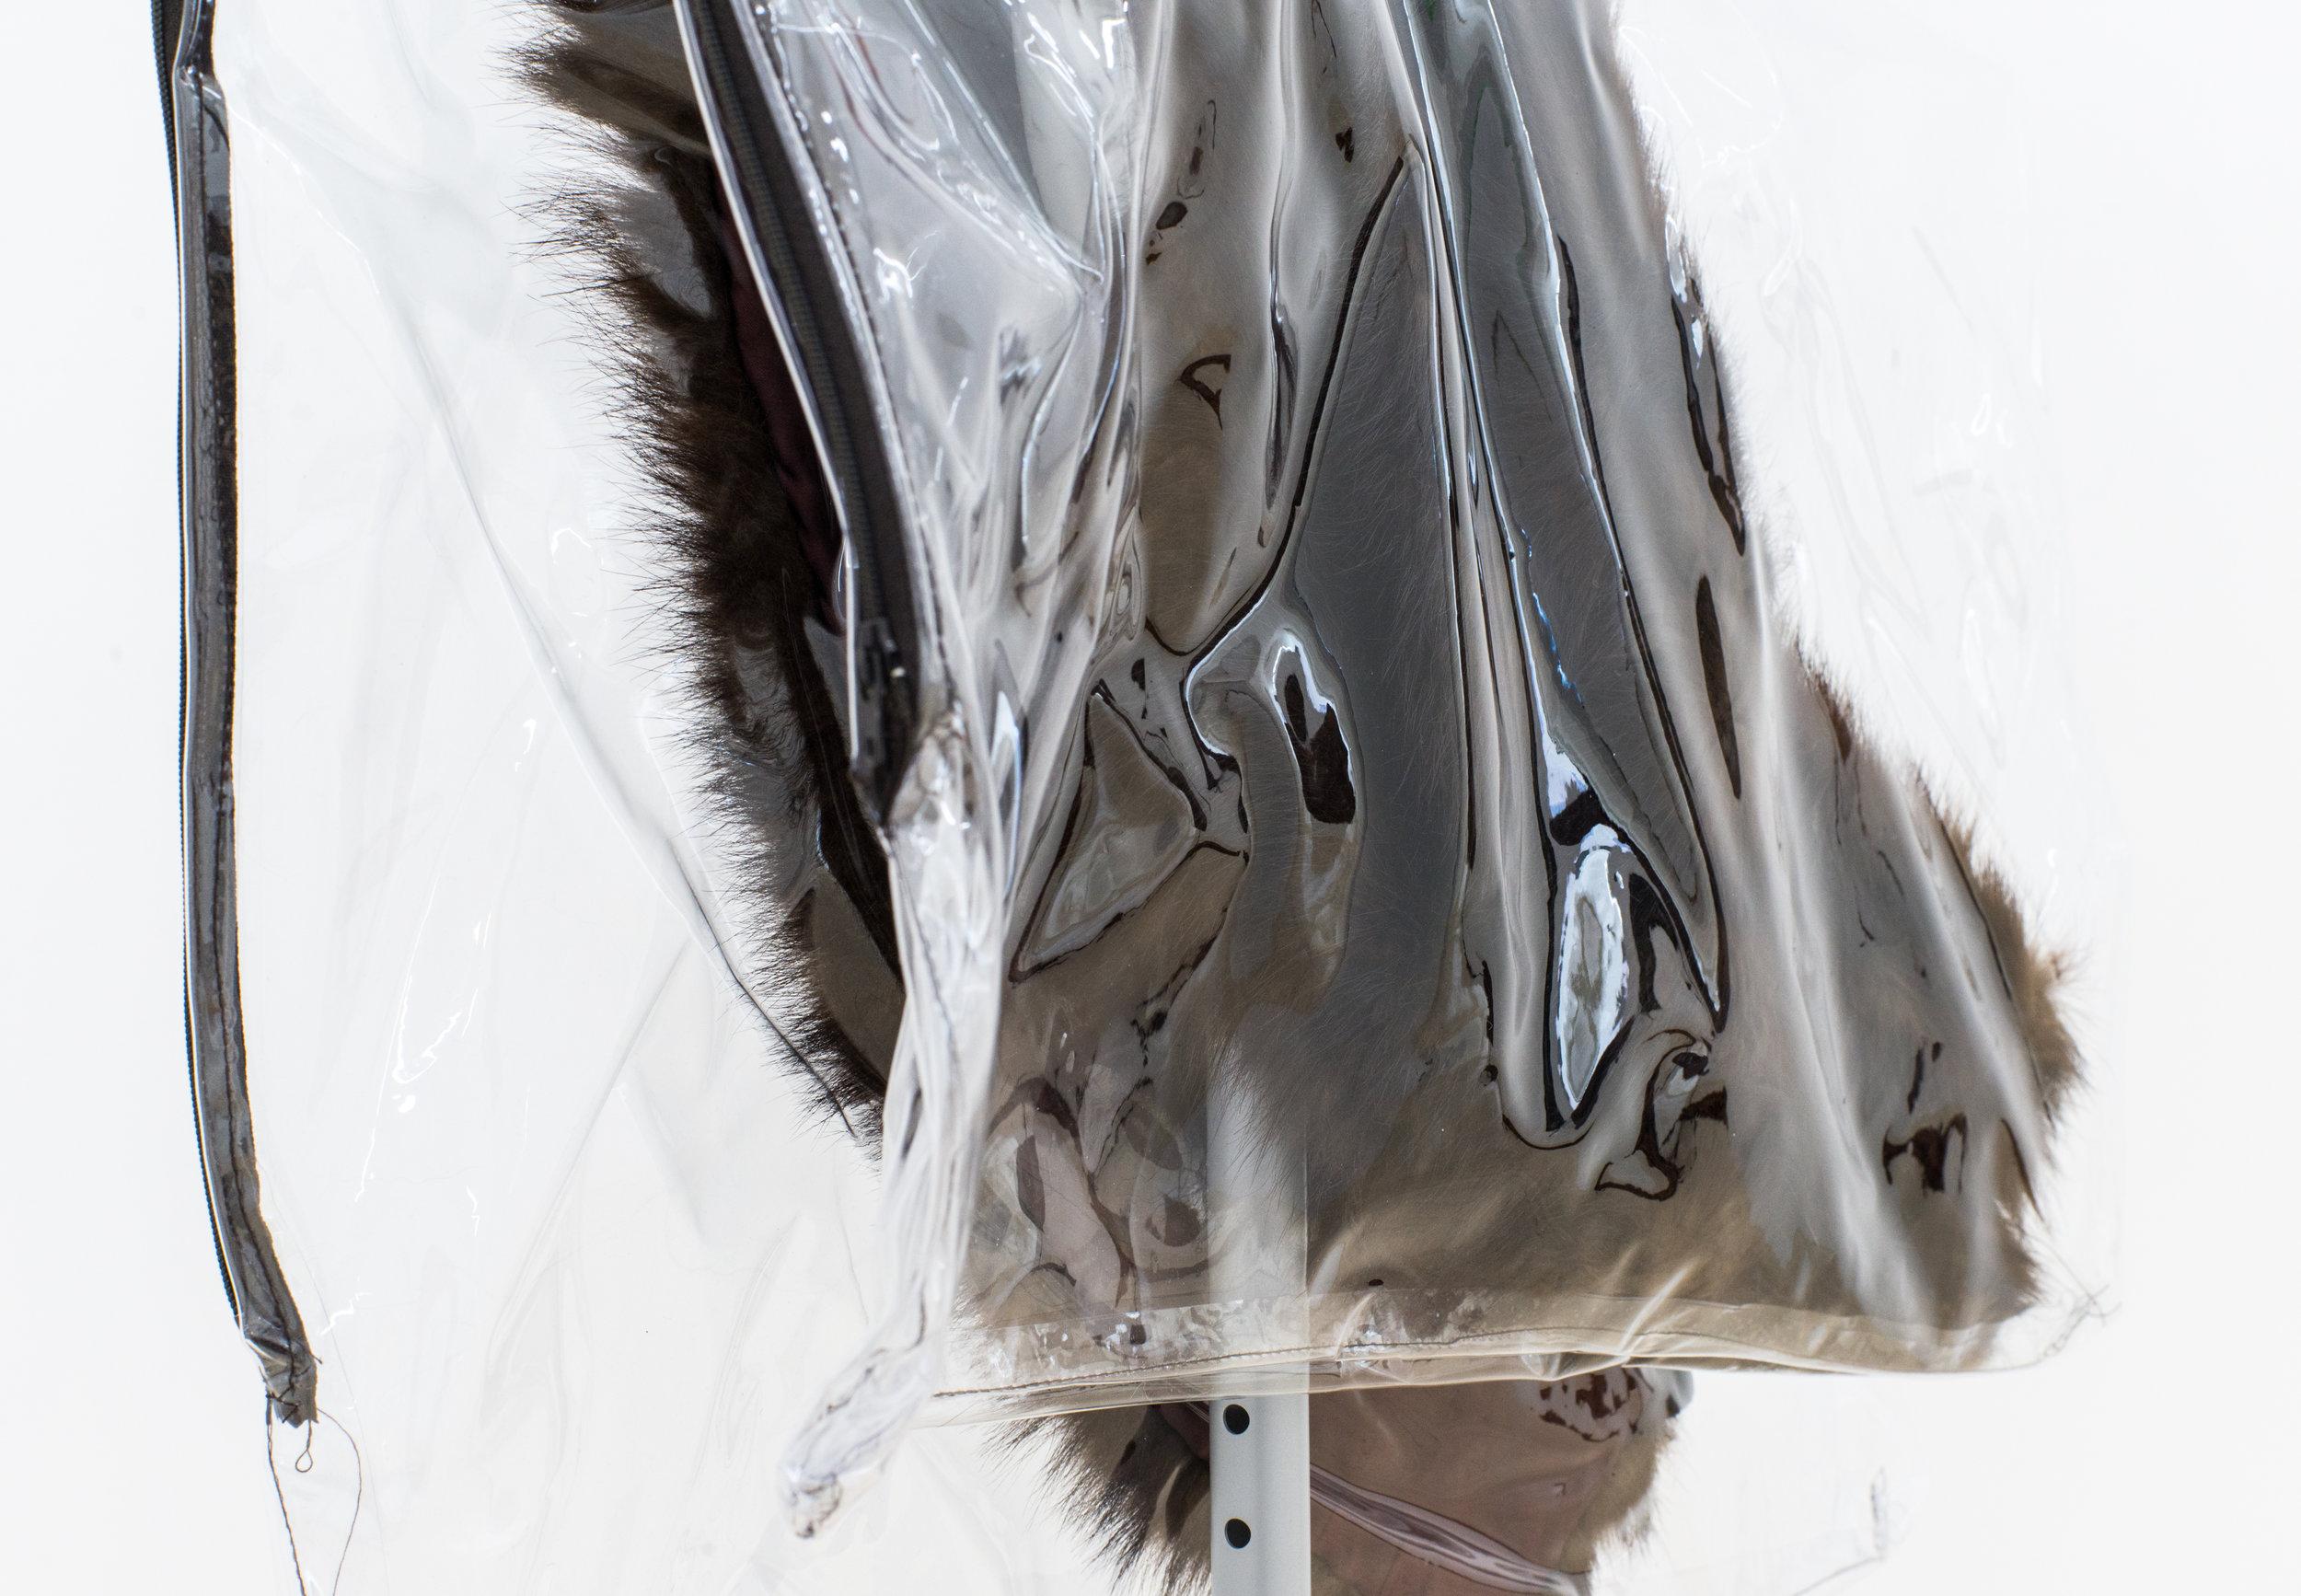 Wolf_Dreaming of Luxury 2 (detail).jpg